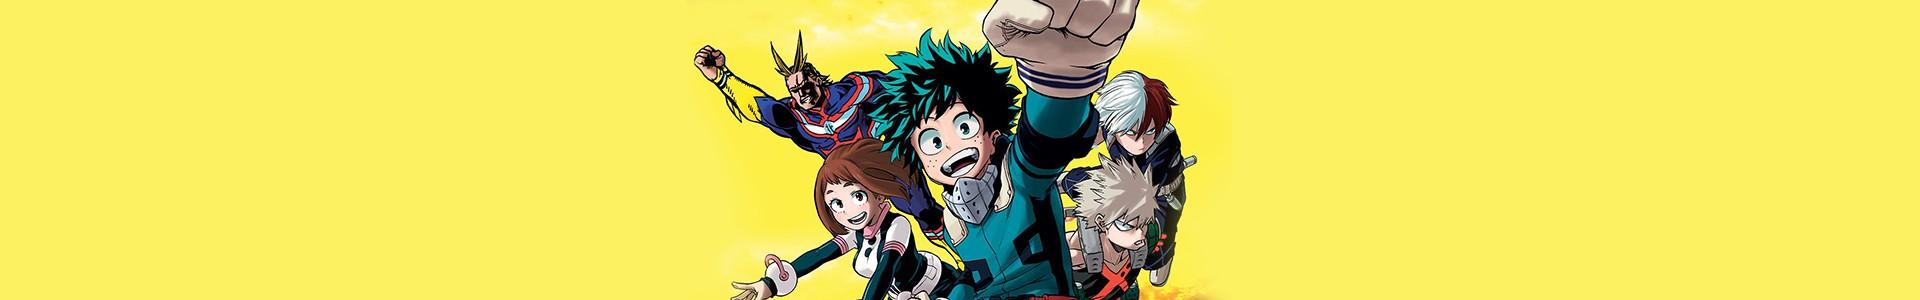 Será que vai ter filme novo de Boku no Hero Academia?